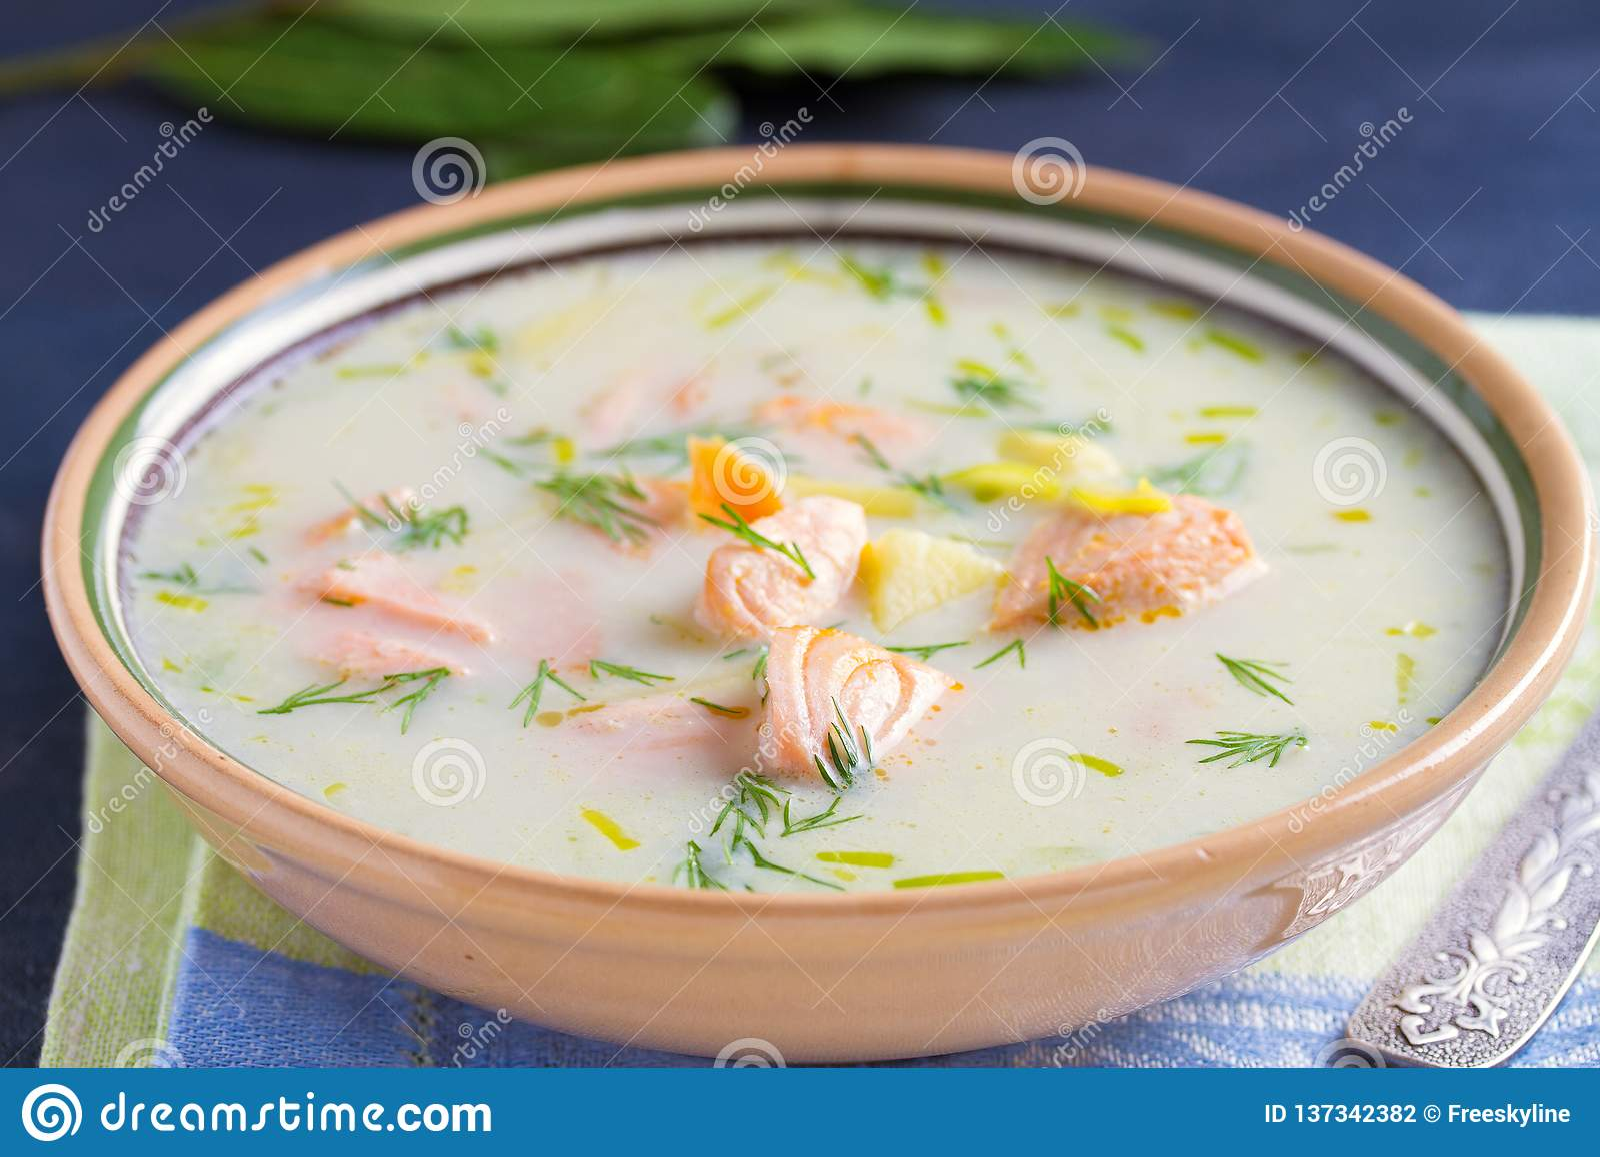 三文鱼汤 乳脂状的热诚的三文鱼鱼汤 清洗吃的,健康和饮食食物概念